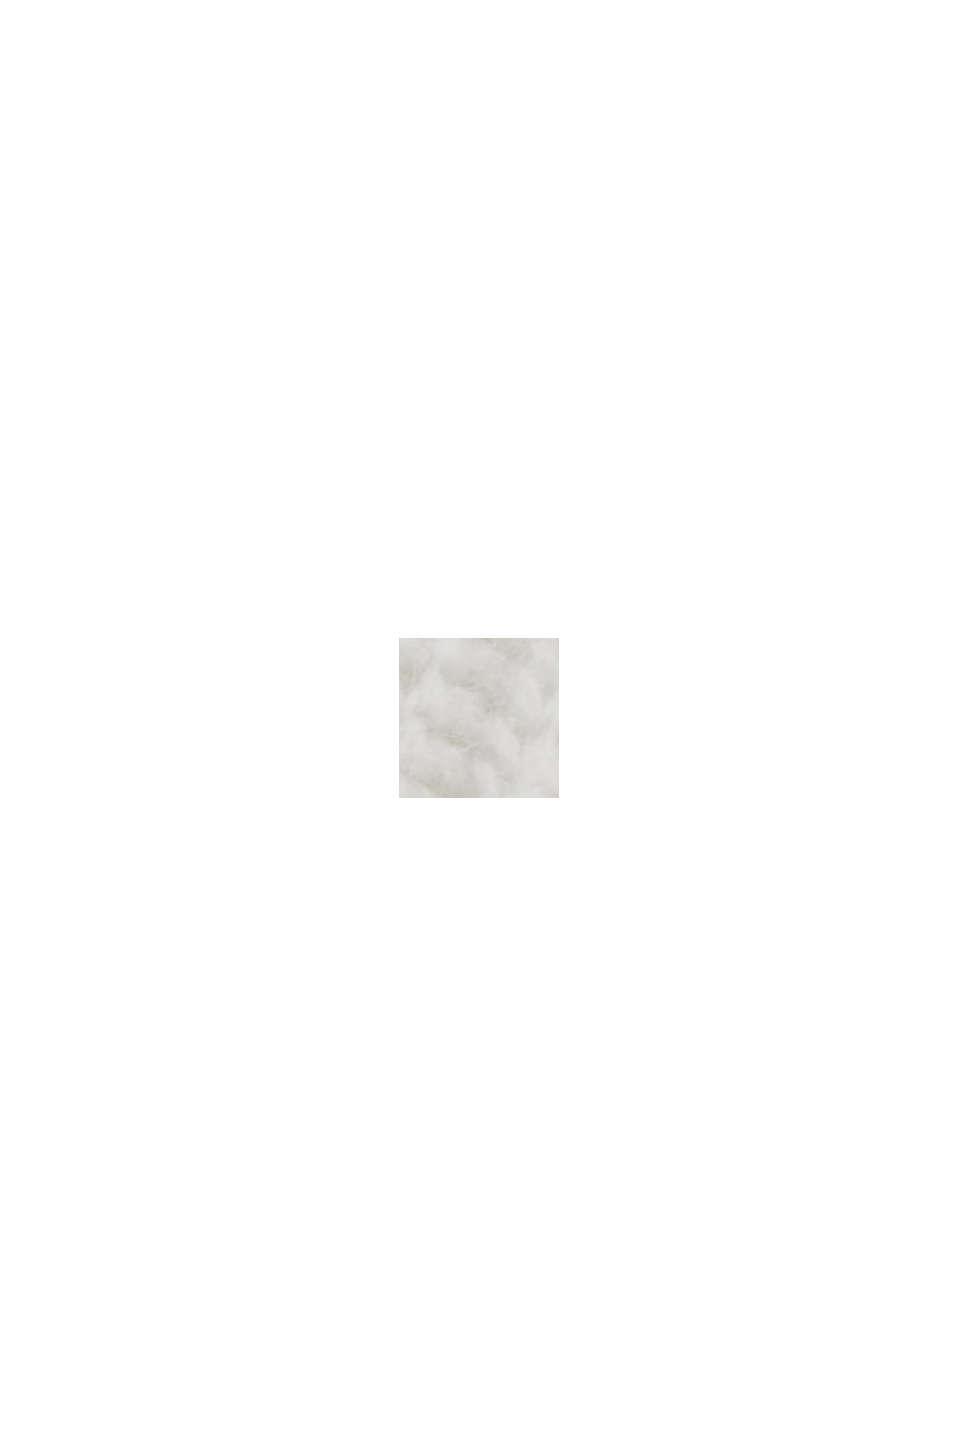 En laine/cachemire: débardeur à col droit, ICE, swatch